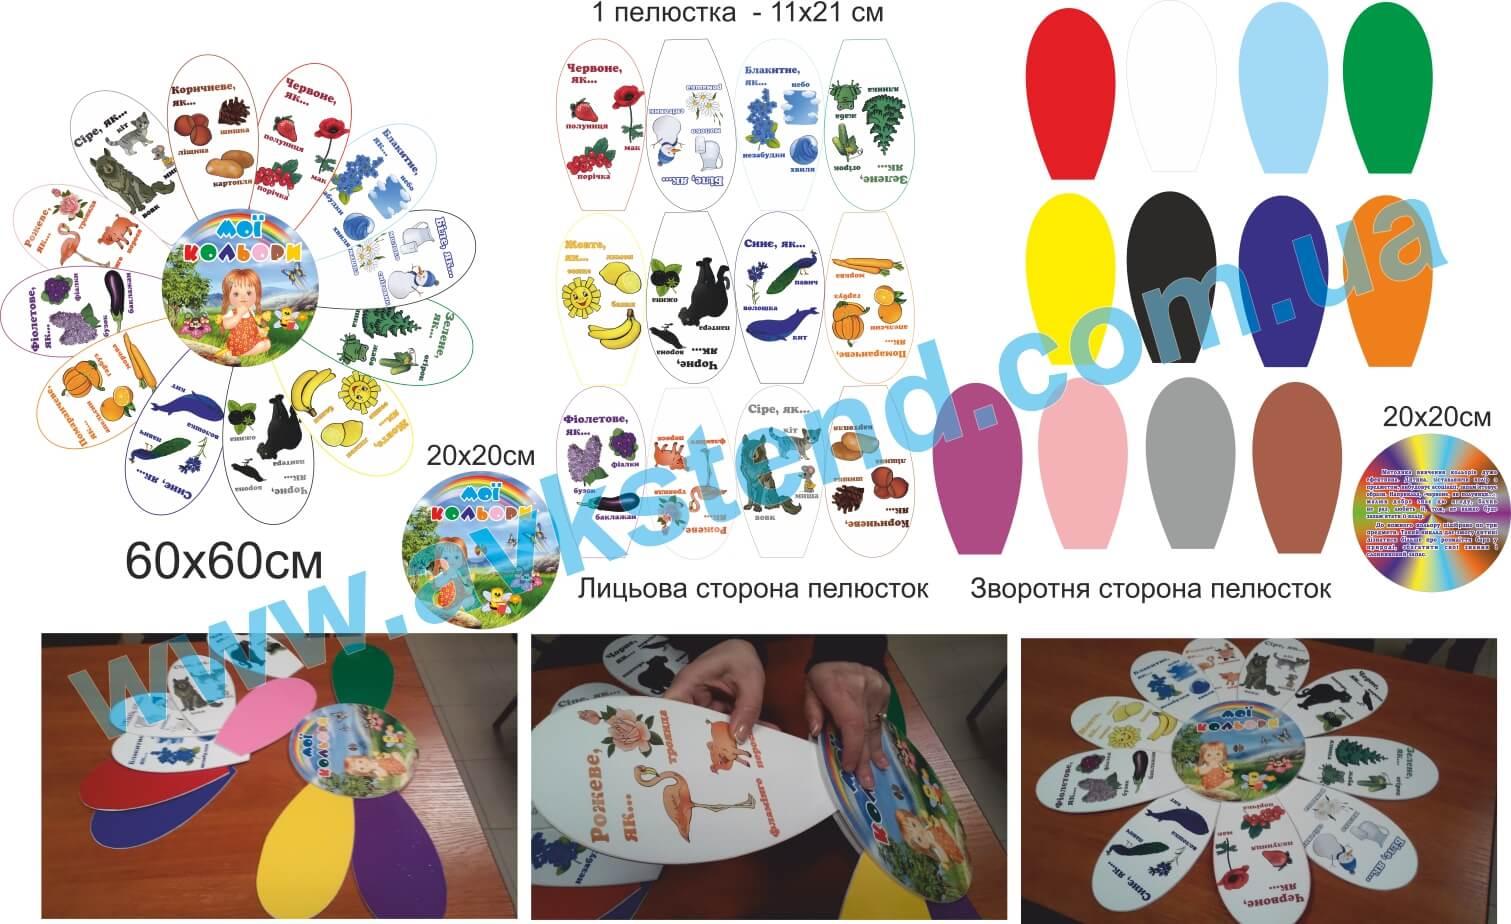 стенди для ДНЗ купити, стенди для ДНЗ замовити, стенди для дитячого садка,  посібник для ДНЗ купити, посібники для дитячого садочку заказать, пособие для ДУЗ купить, пособия для детского сада замовити